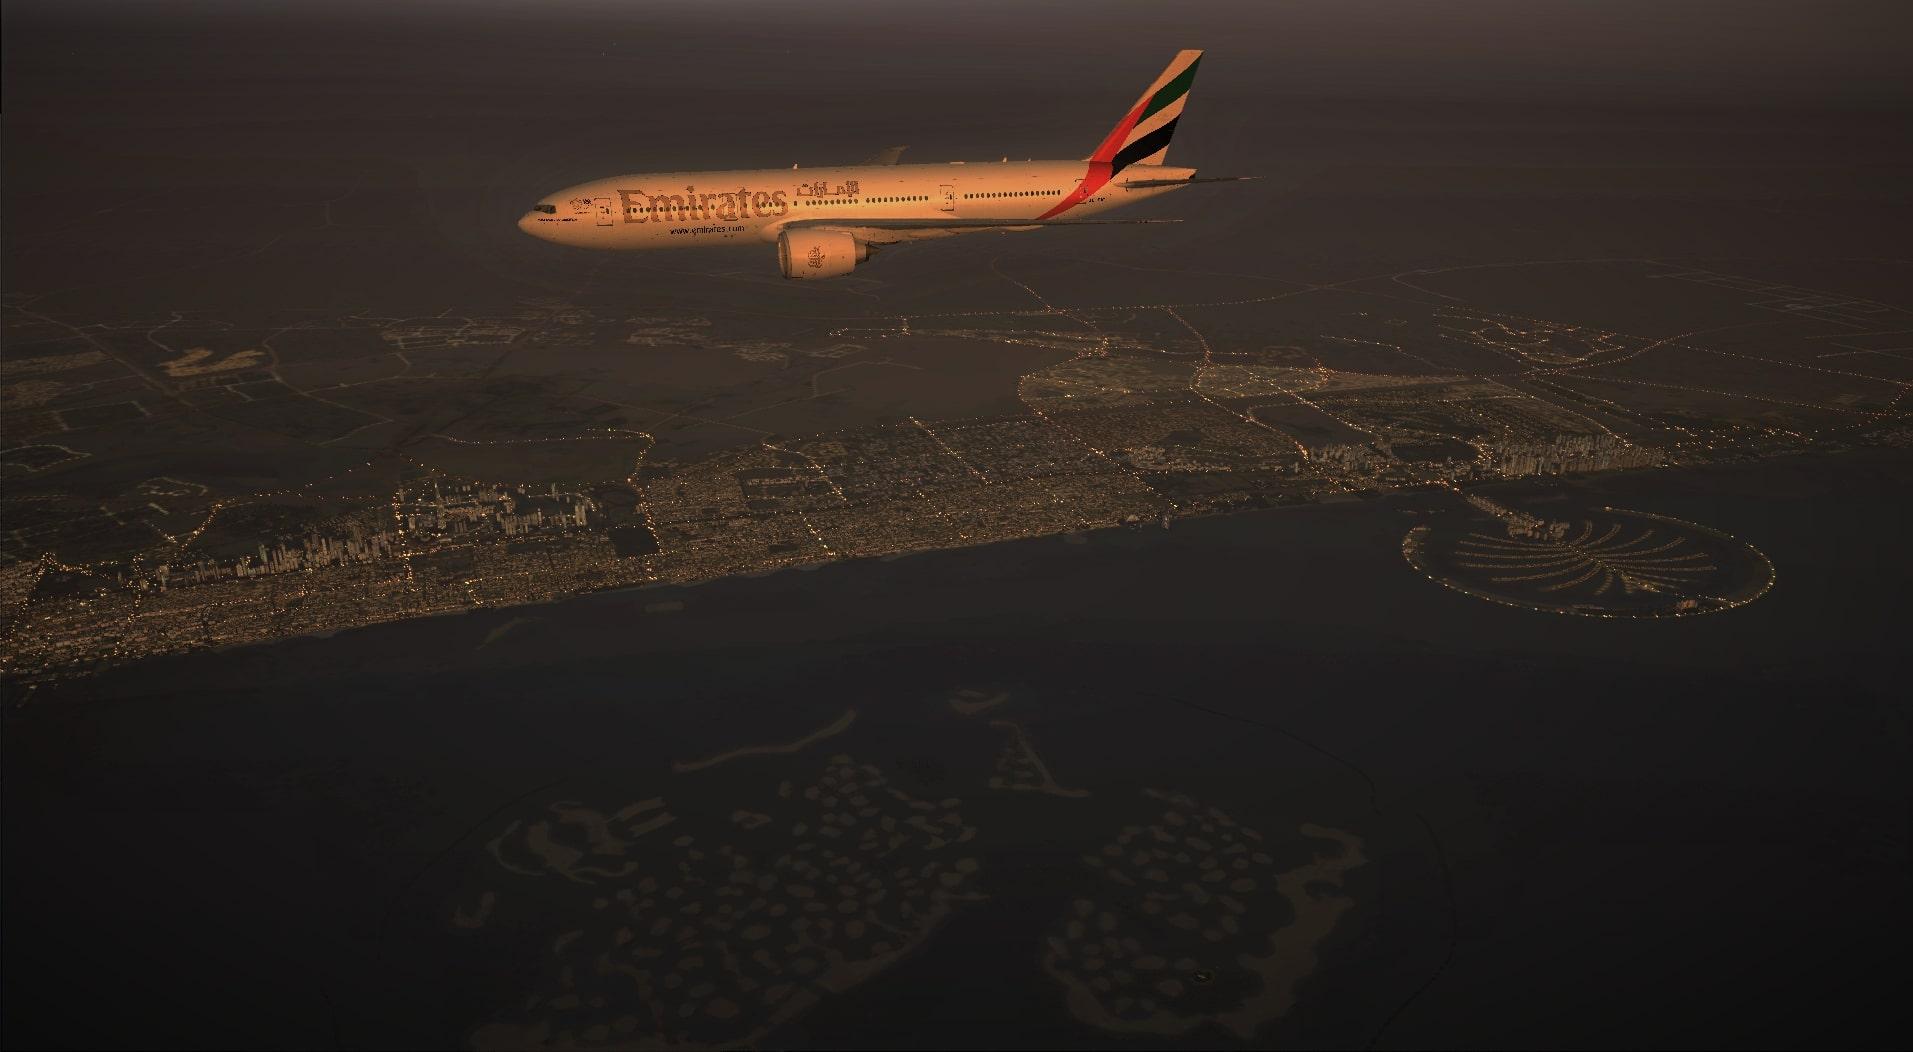 Emirates Boeing 777-200LR Cruising at Dusk